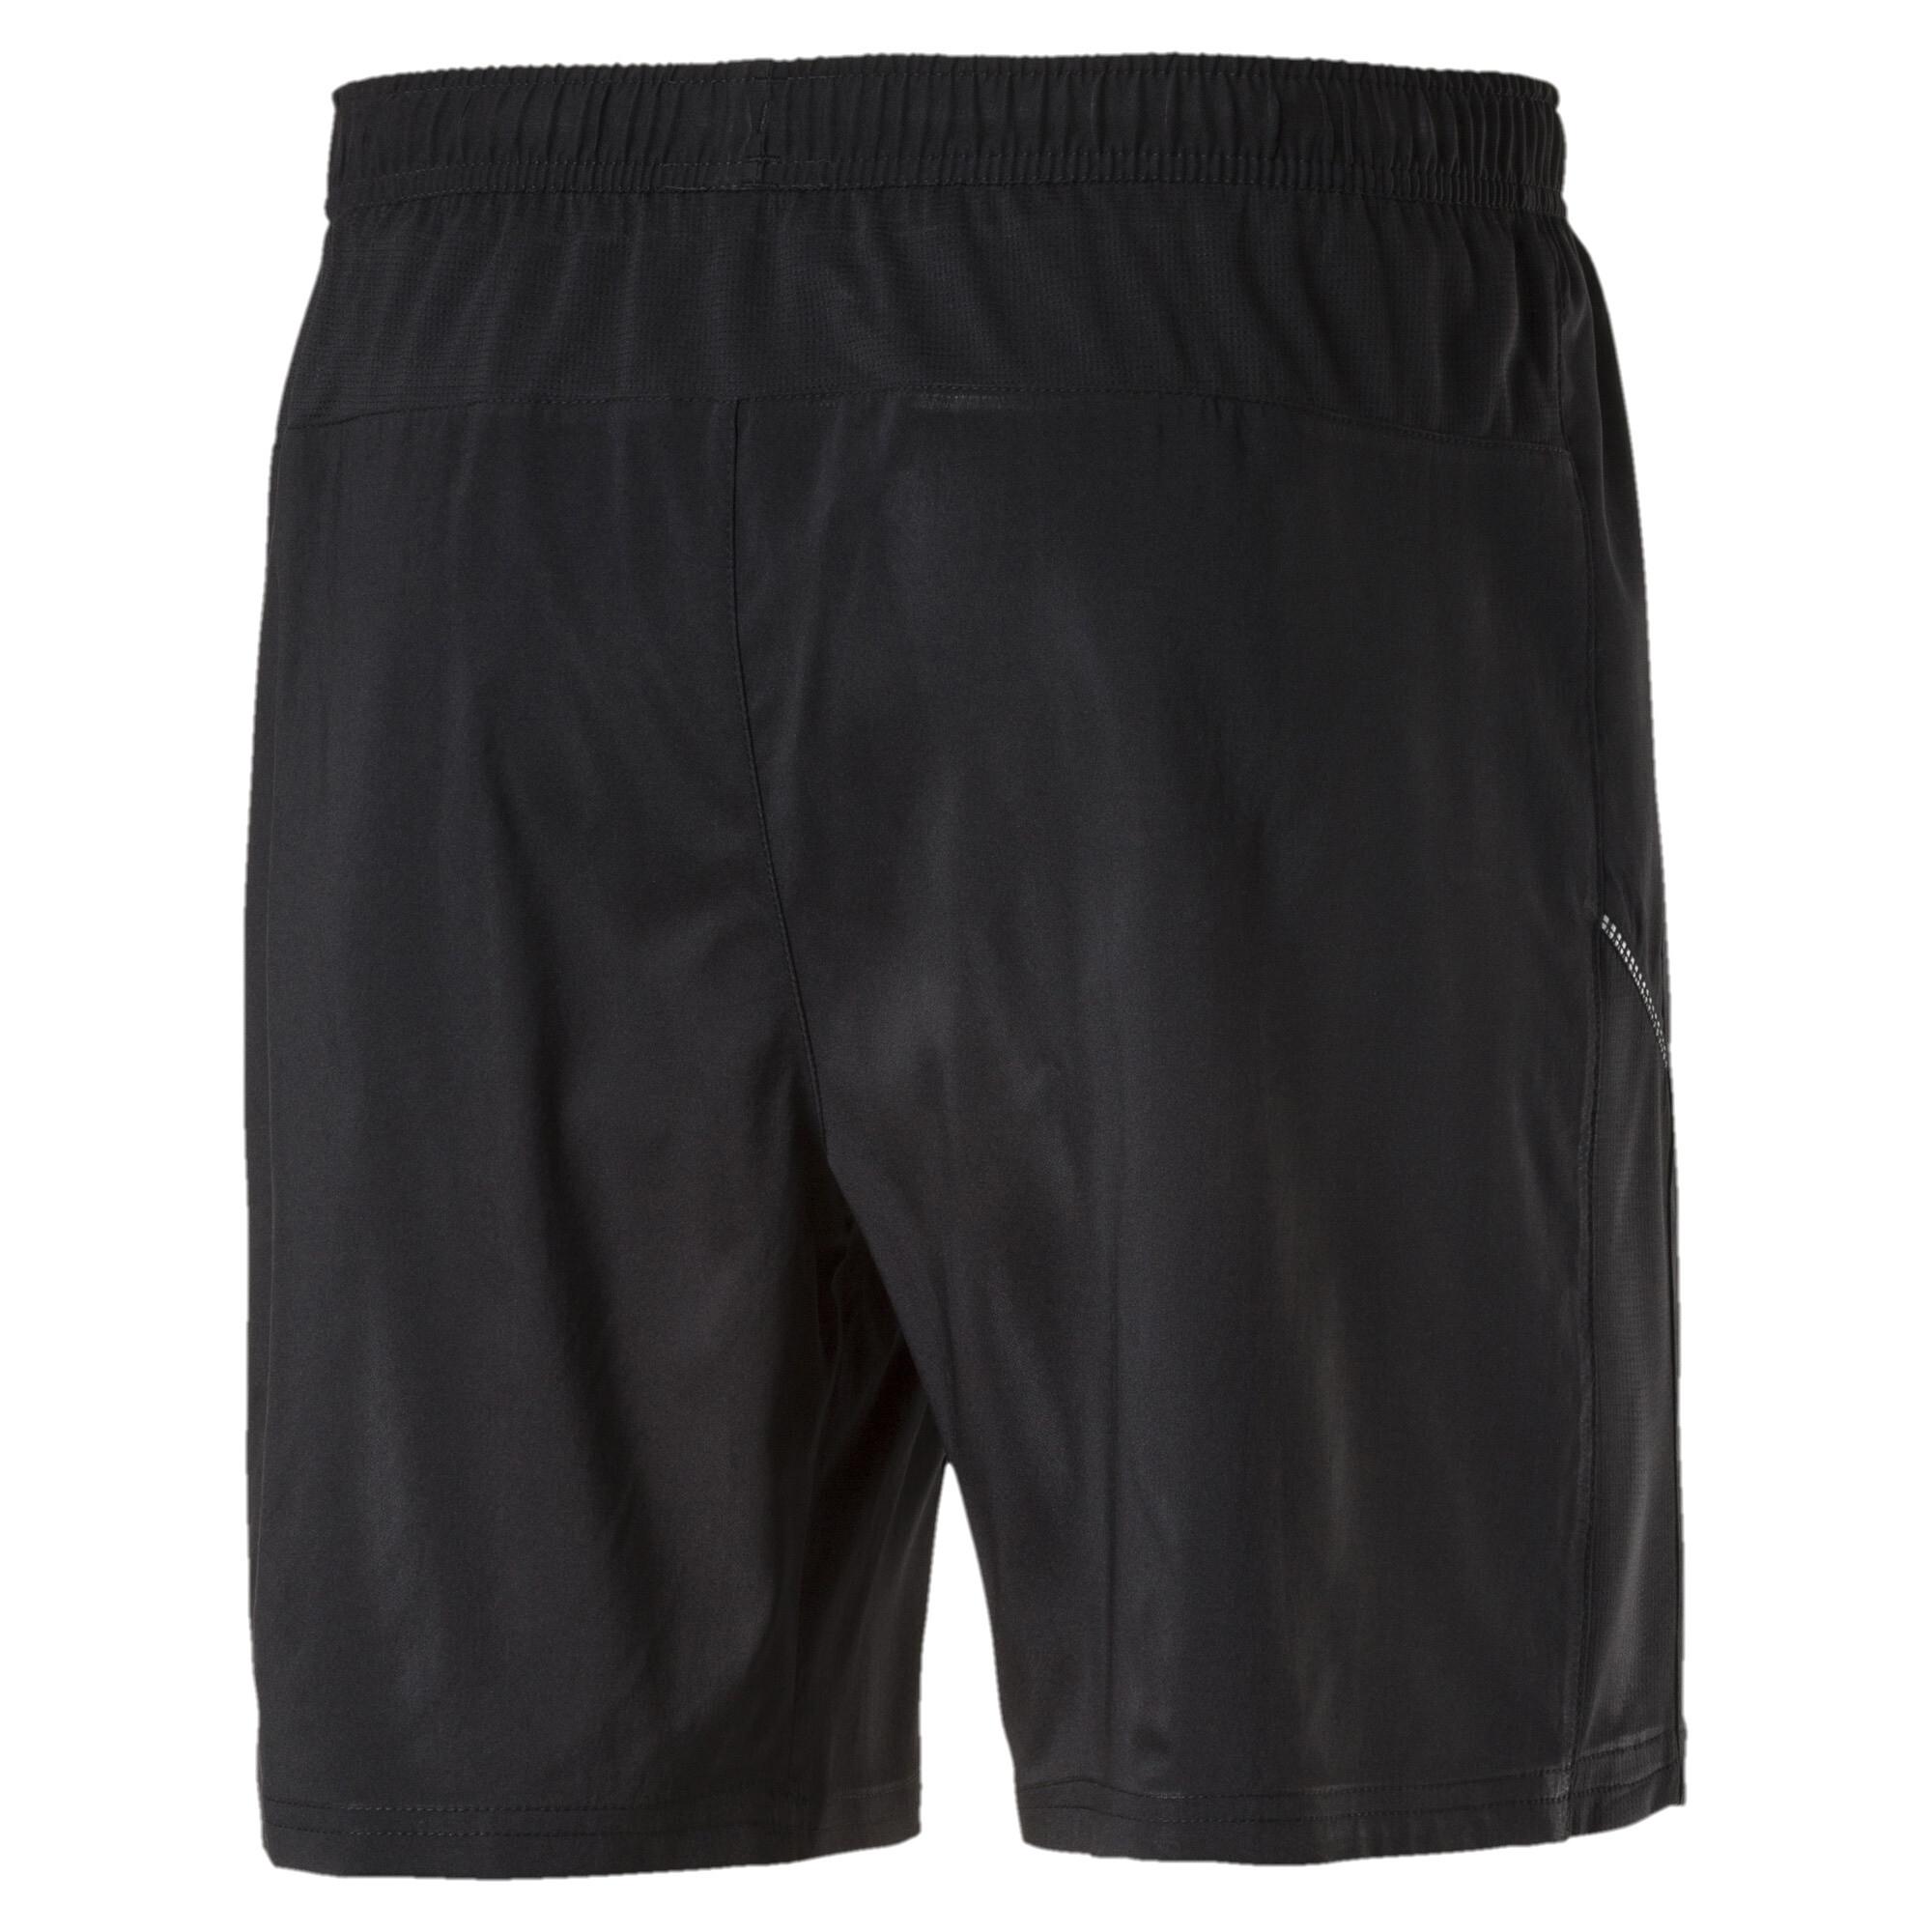 tout neuf 6a442 d2c4e Shorts de running para hombres